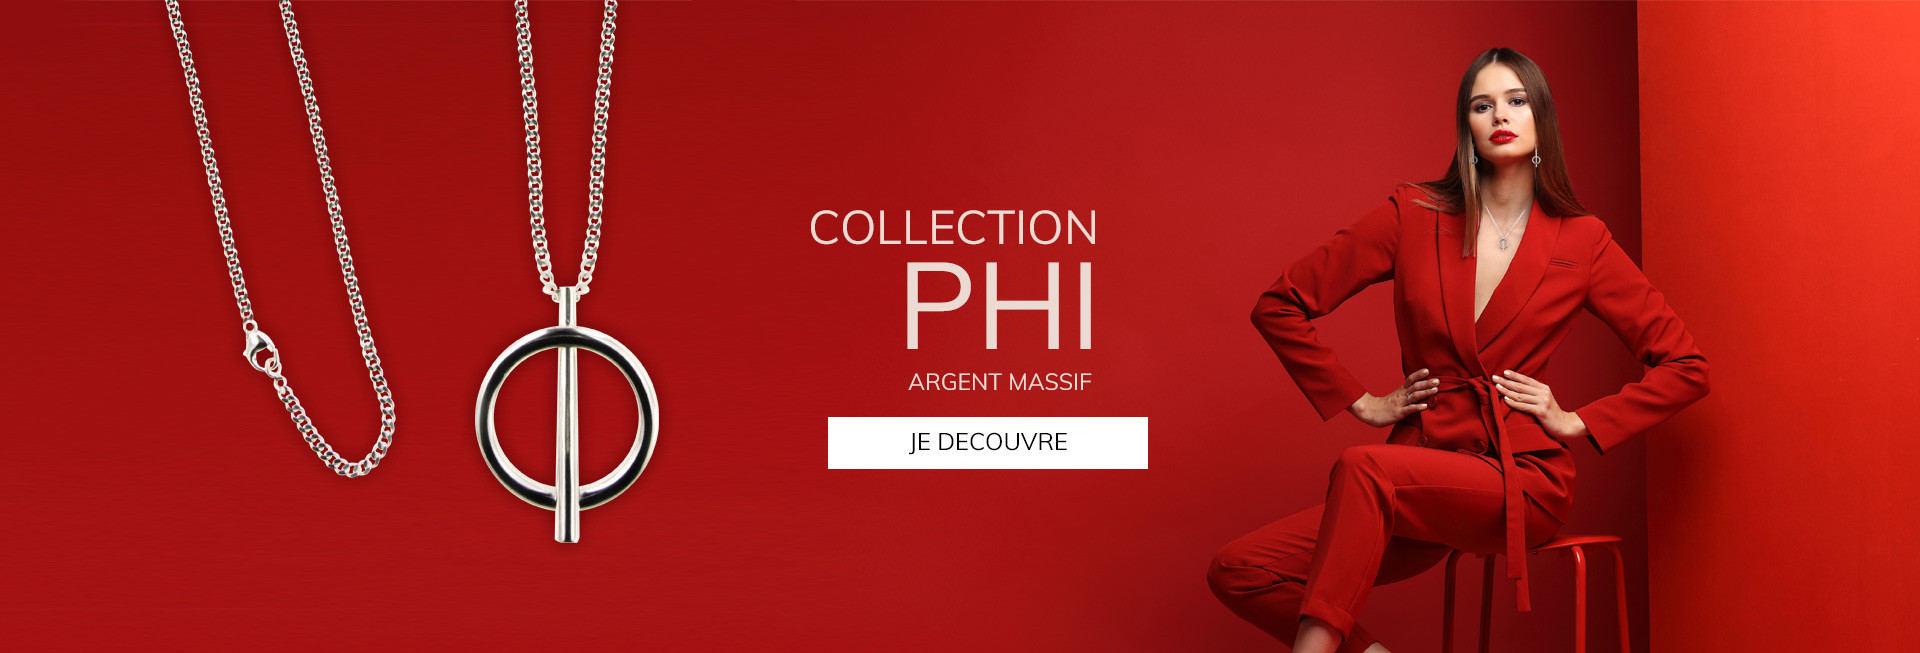 Collection PHI, bijoux Argent massif fabriqué en France artisanalement : jonc argent, bague argent massif, sautoir au design épuré et tendance. Résisterez-vous à cette collection de créateur?